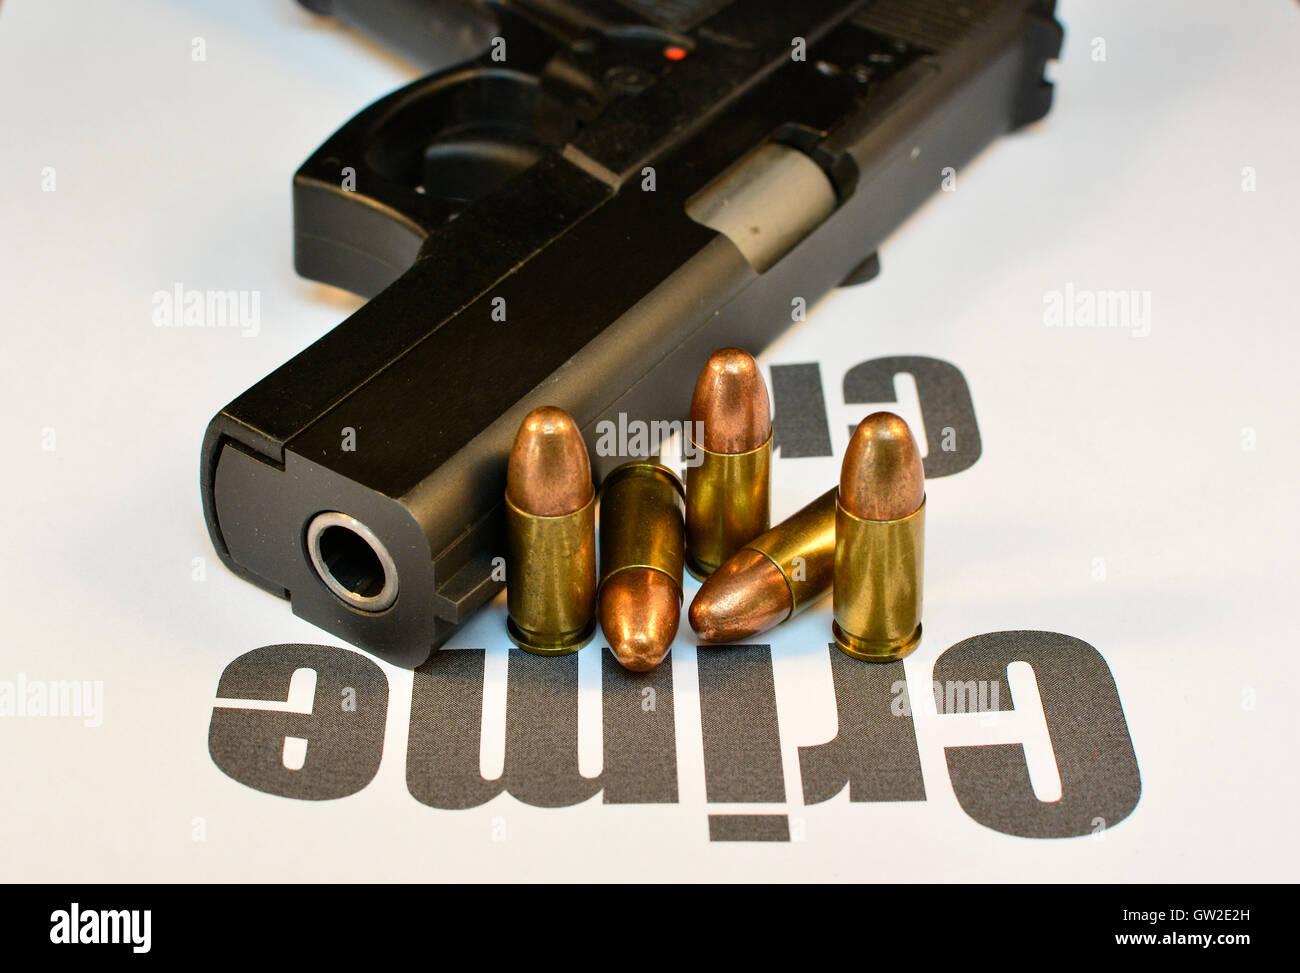 Concept du crime. Avec des armes de poing balles crimes de violence, agression. La prise de vue. Photo Stock